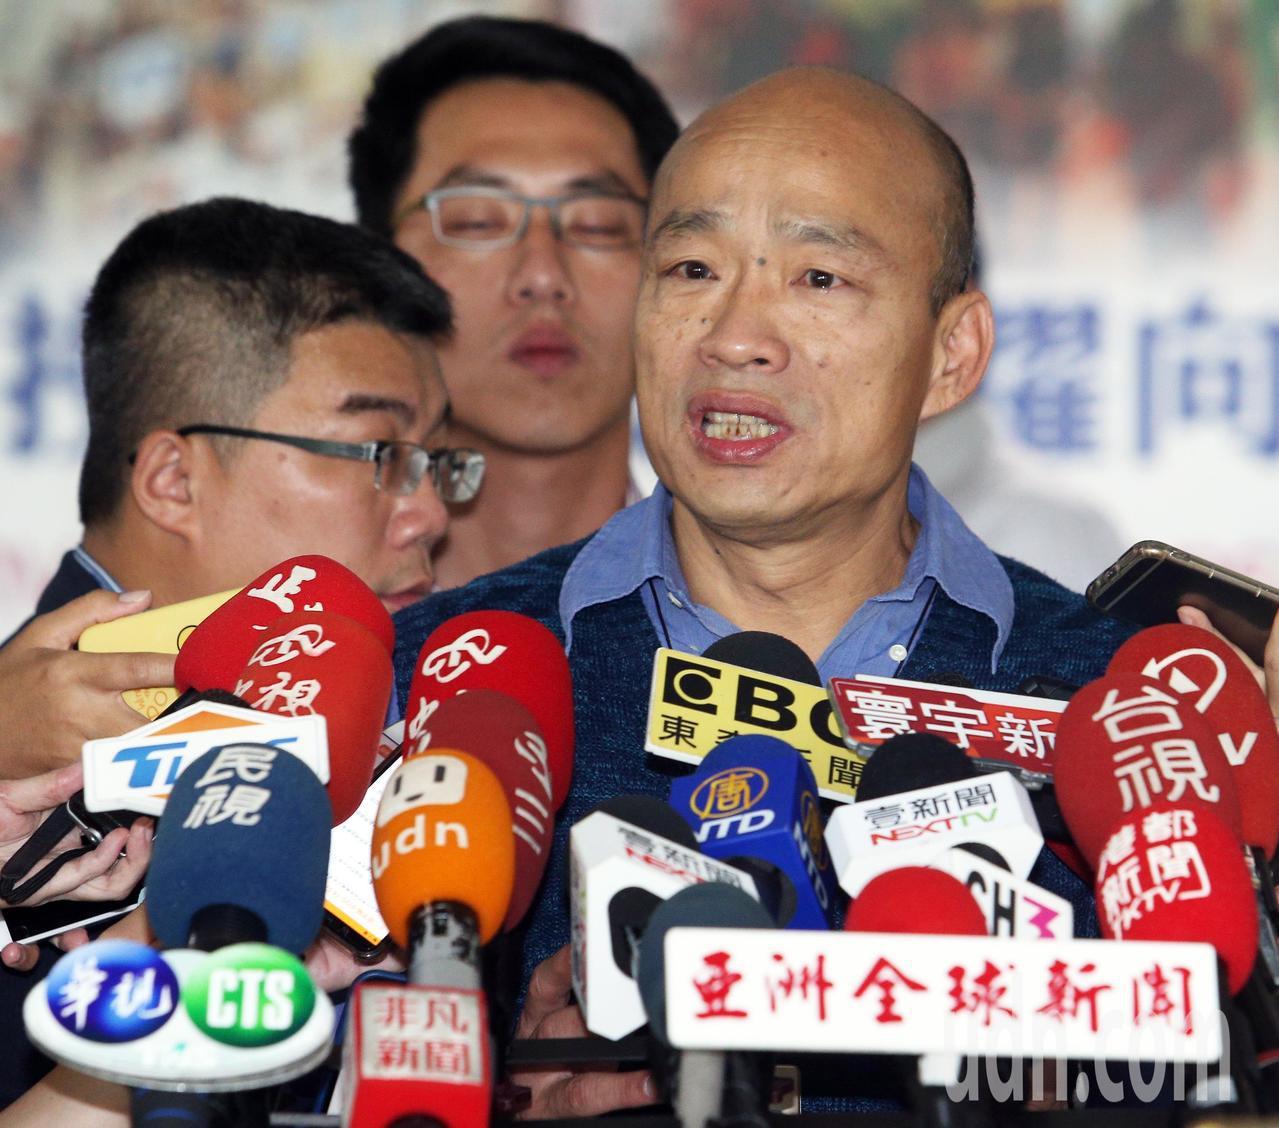 高雄市長韓國瑜今天受訪時被問到特勤走私香菸之事時表示,蔡英文領導中華民國的能力絕...